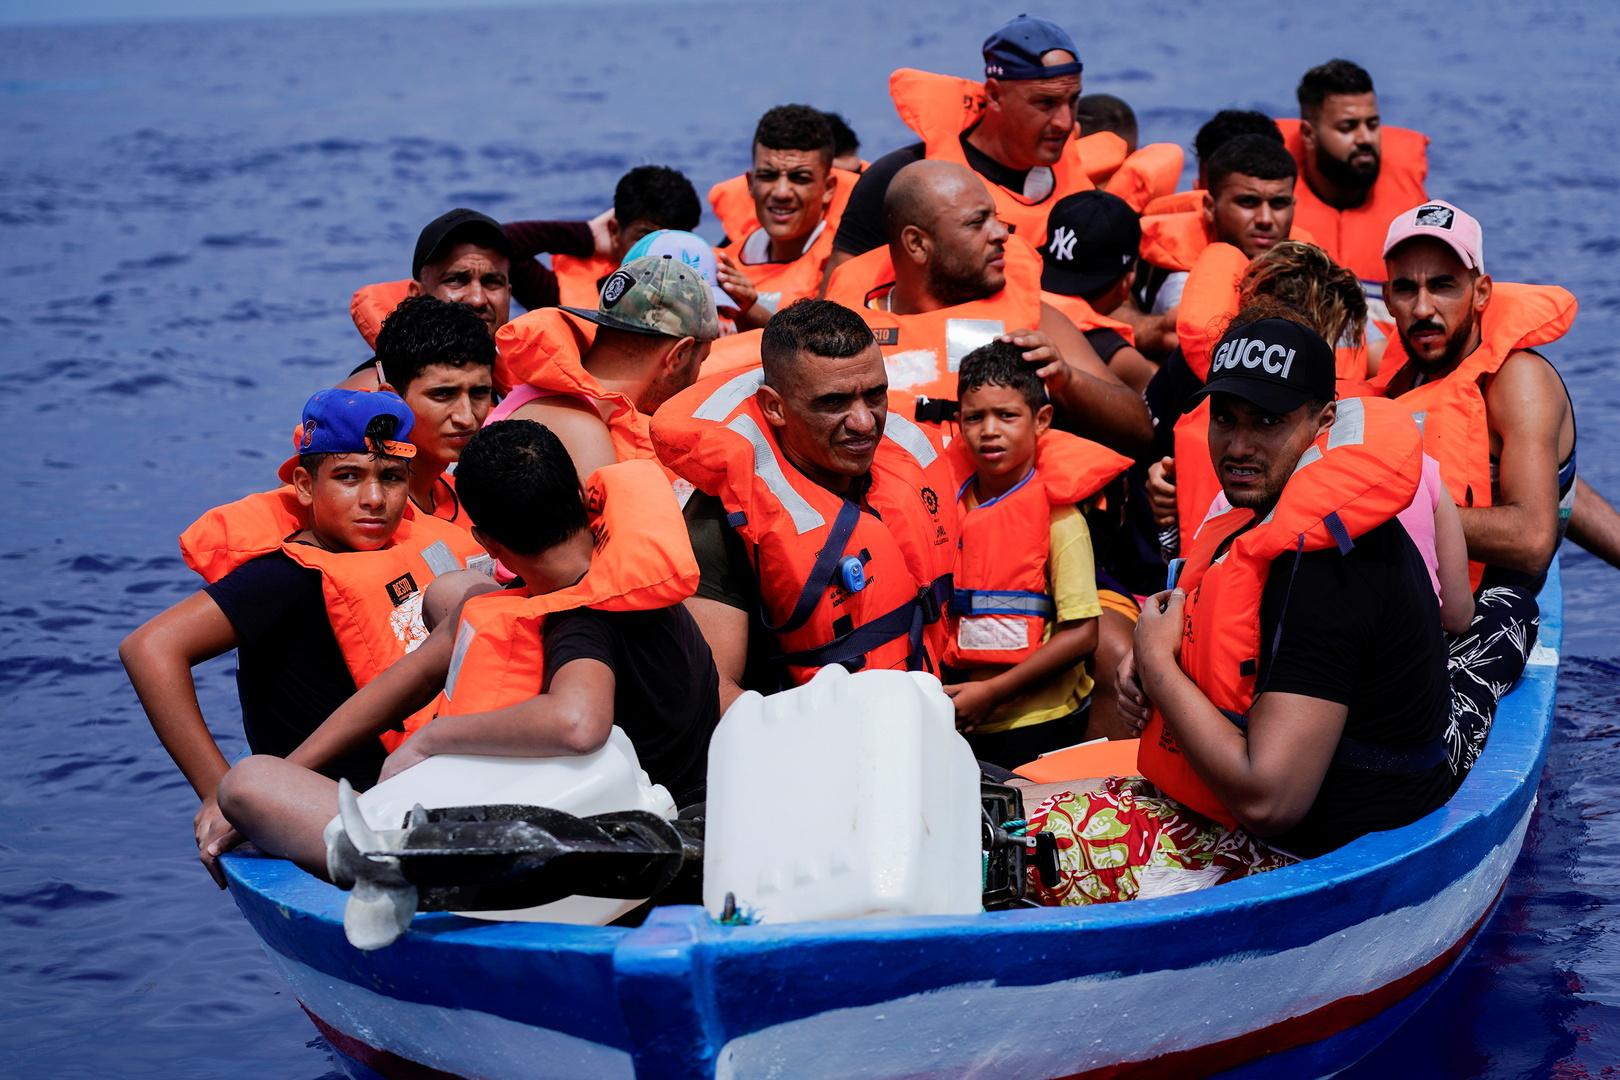 مصادر أمنية إيطالية تعلن إنقاذ 84 مهاجرا قبالة سواحل صقلية